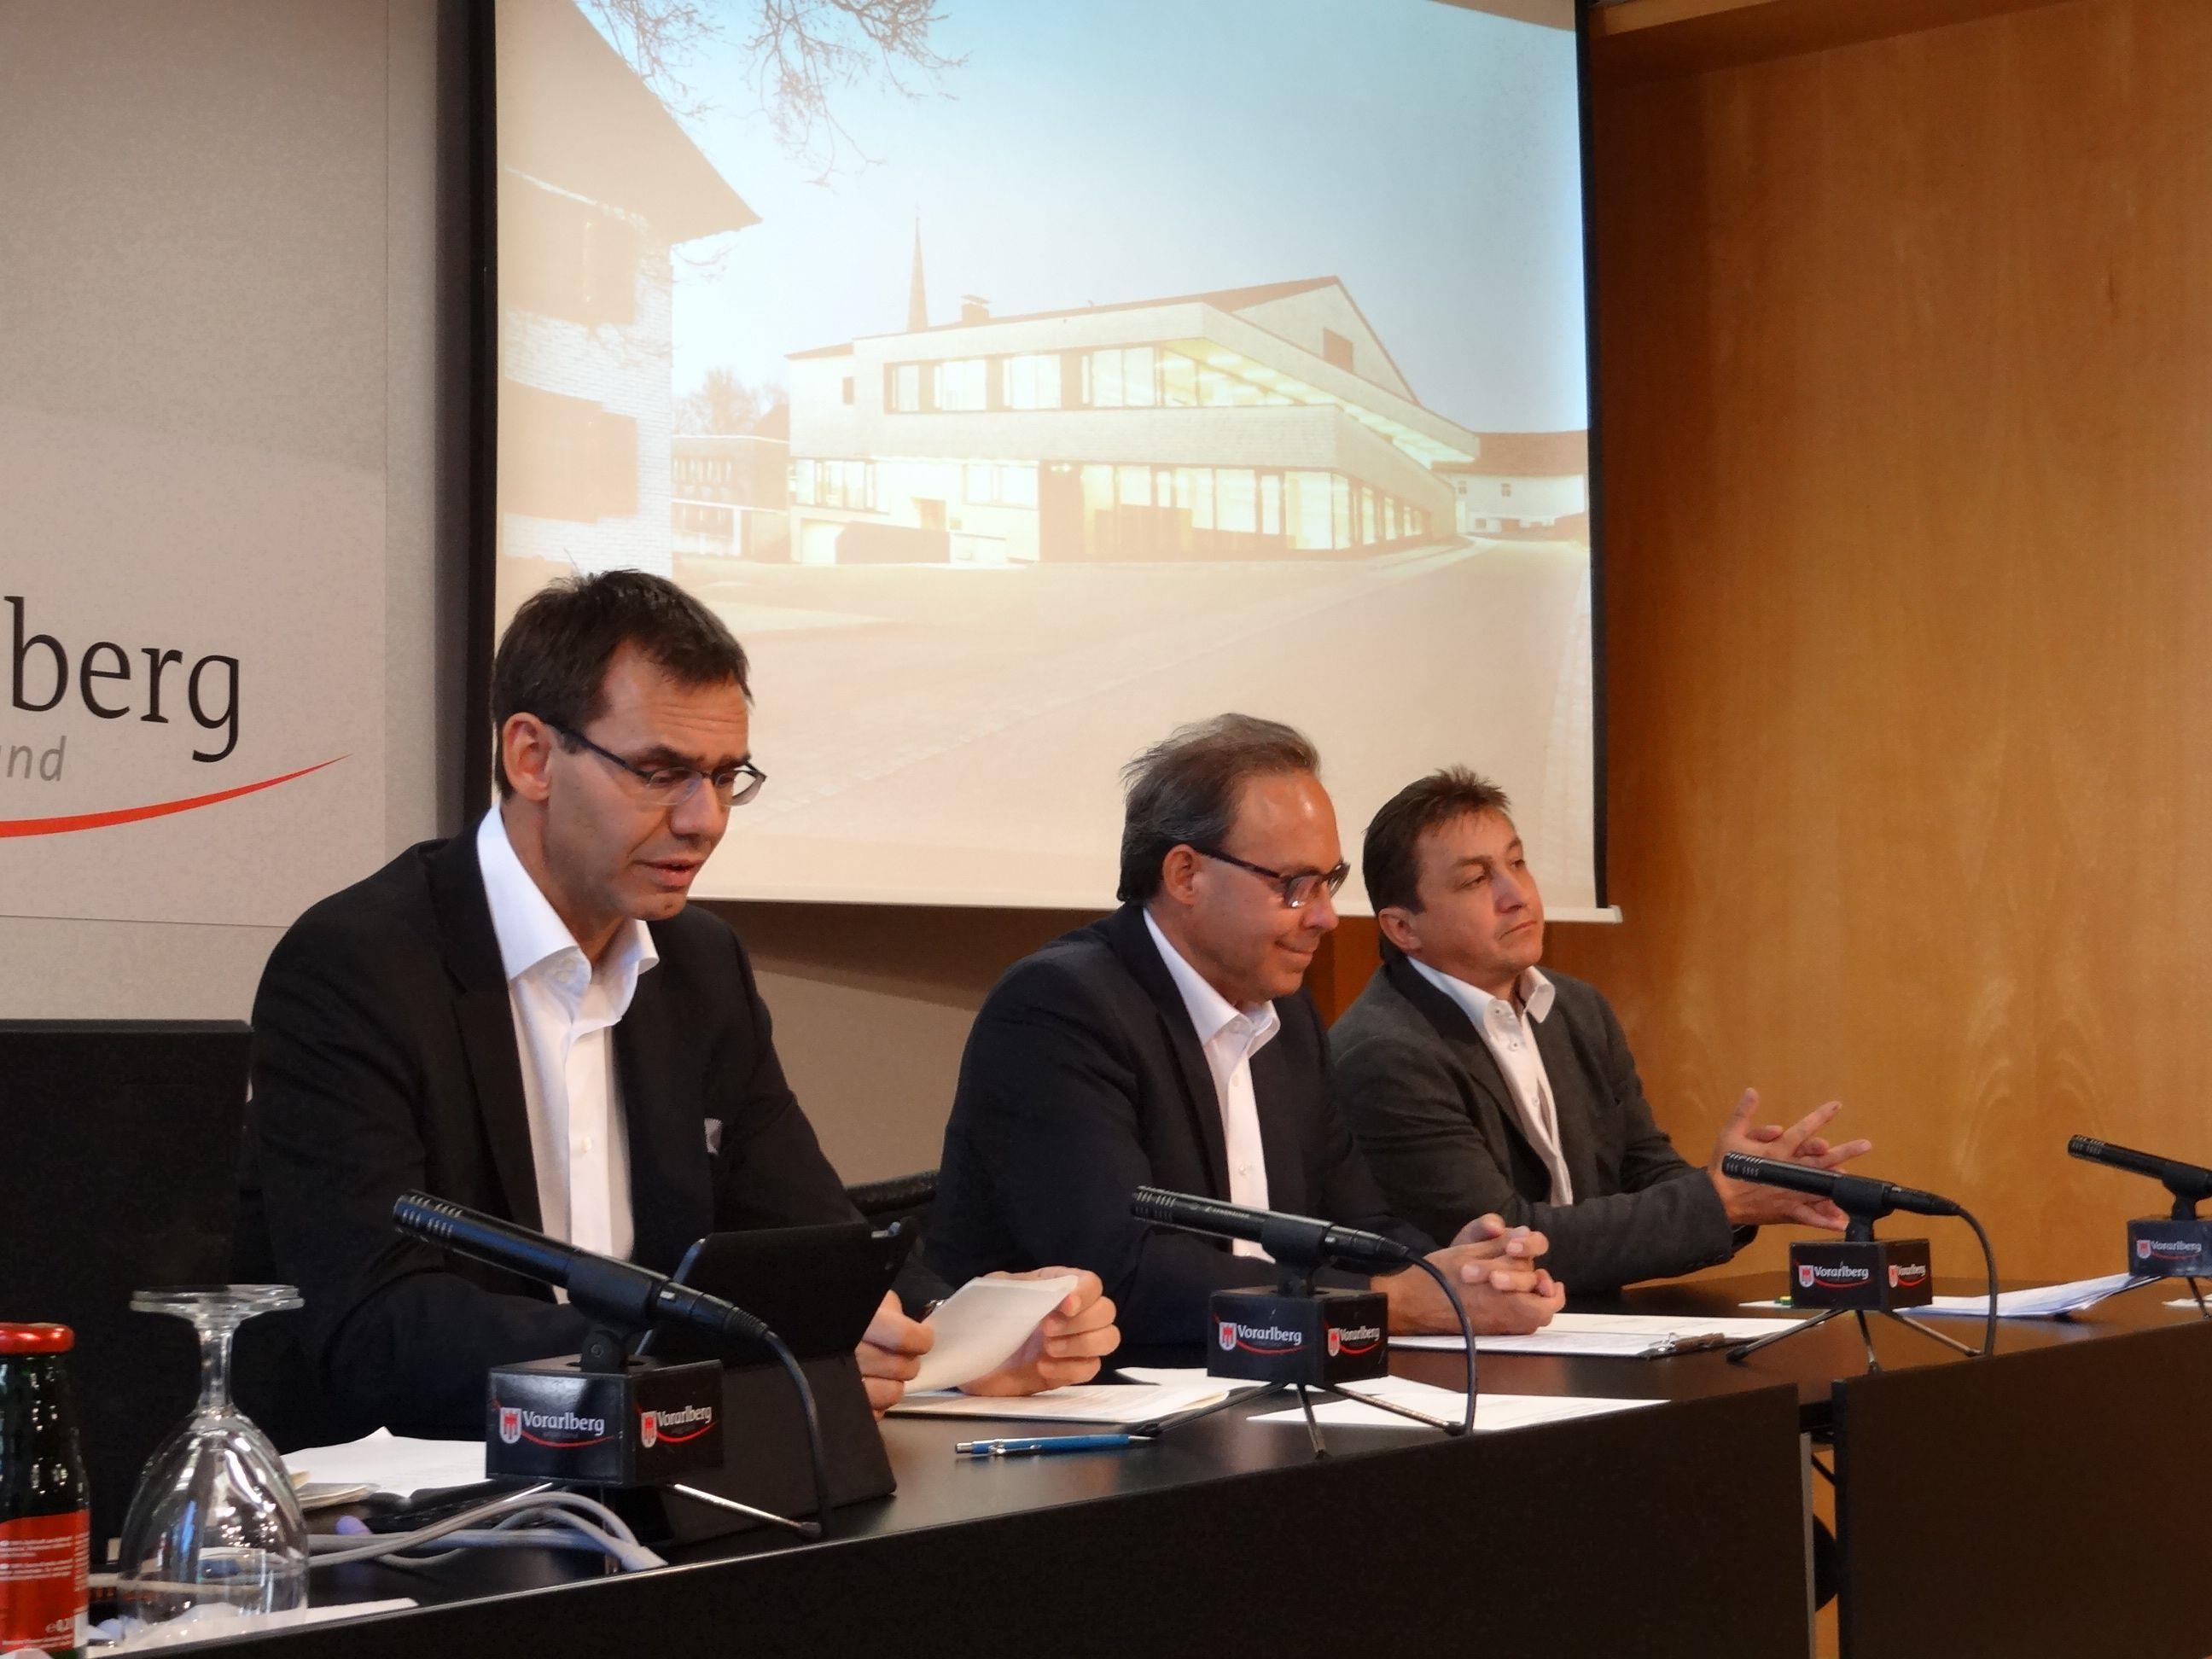 Markus Wallner und die Bürgermeister Werner Konzett (Fontanella) und Franz Martin (Buch) beim Pressefoyer